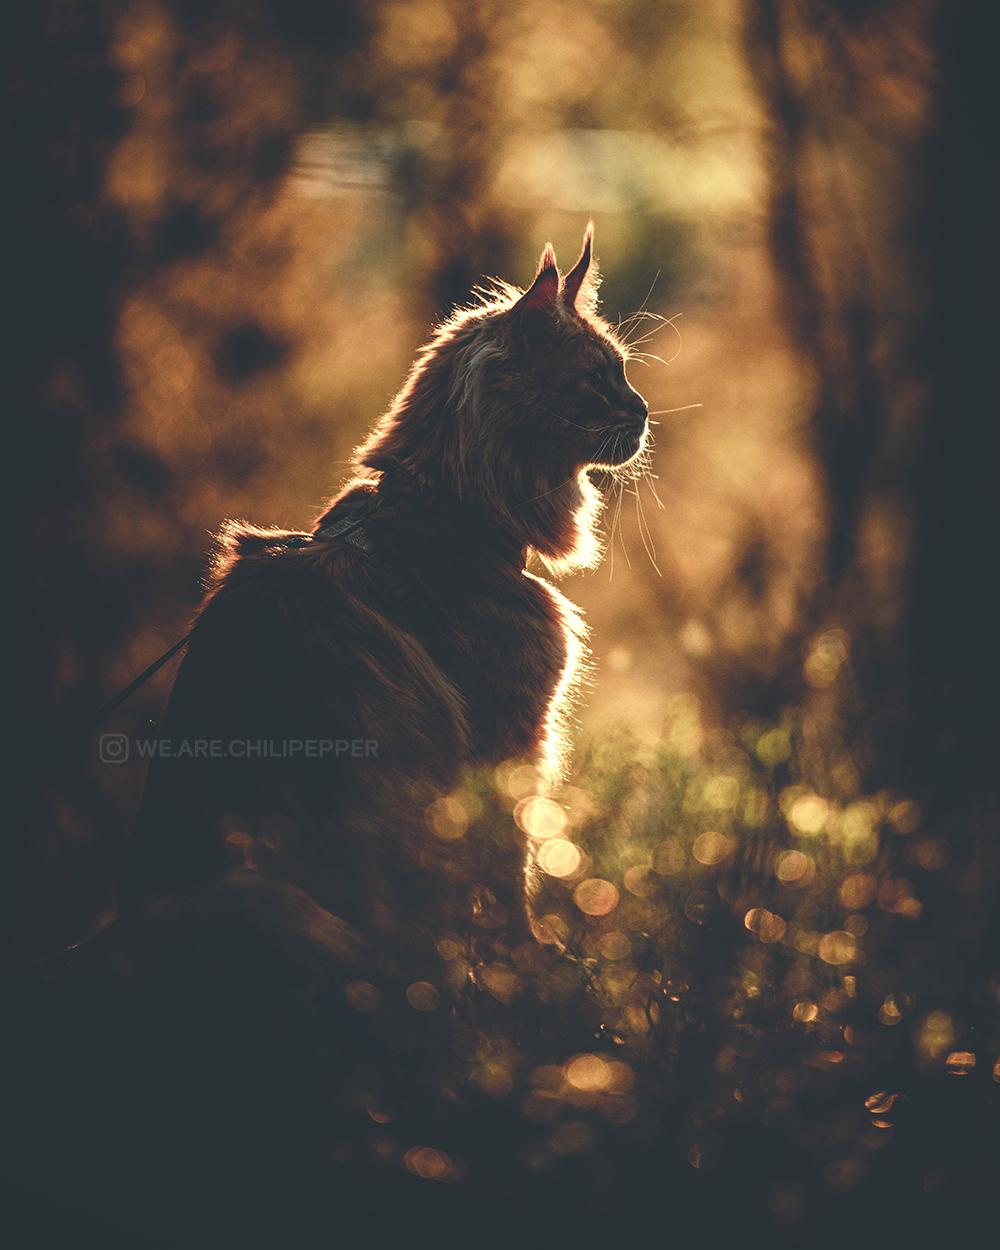 cat in profile outside